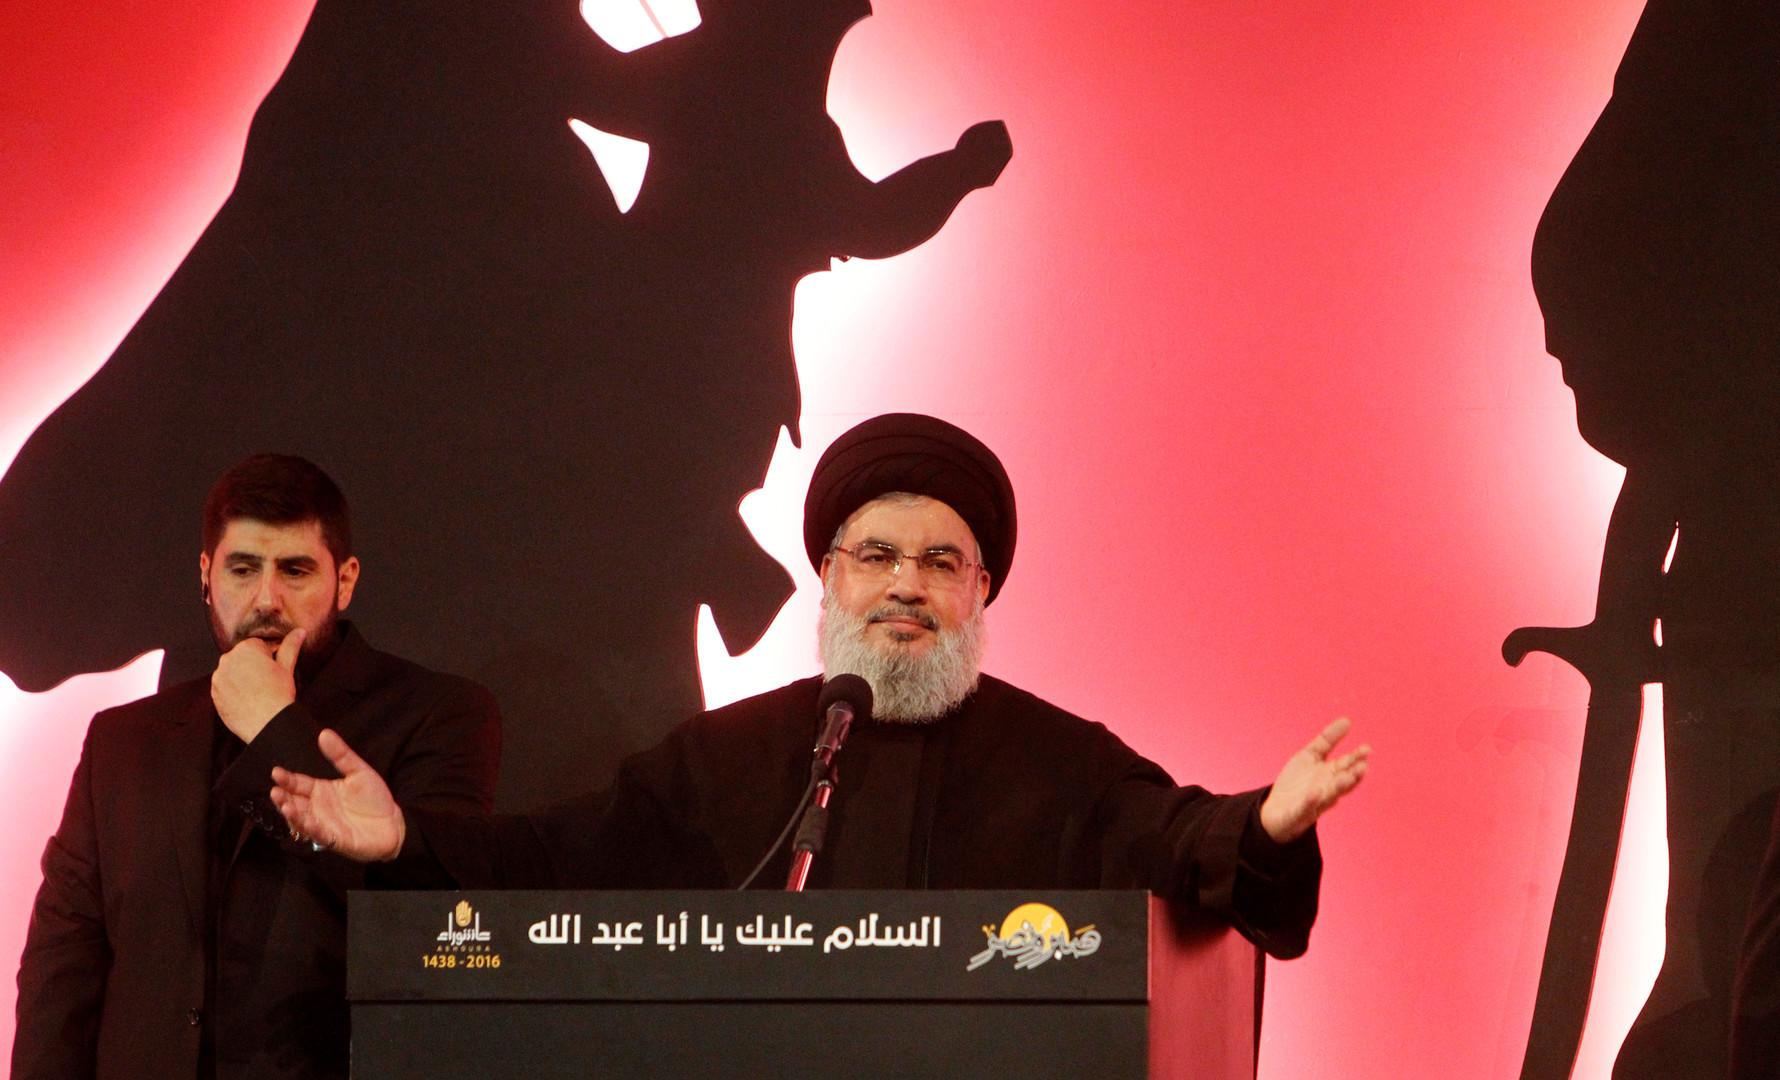 نصر الله: خفضنا عدد قواتنا في سوريا وجيشها اعتبر أنه ليس بحاجة إلينا اليوم